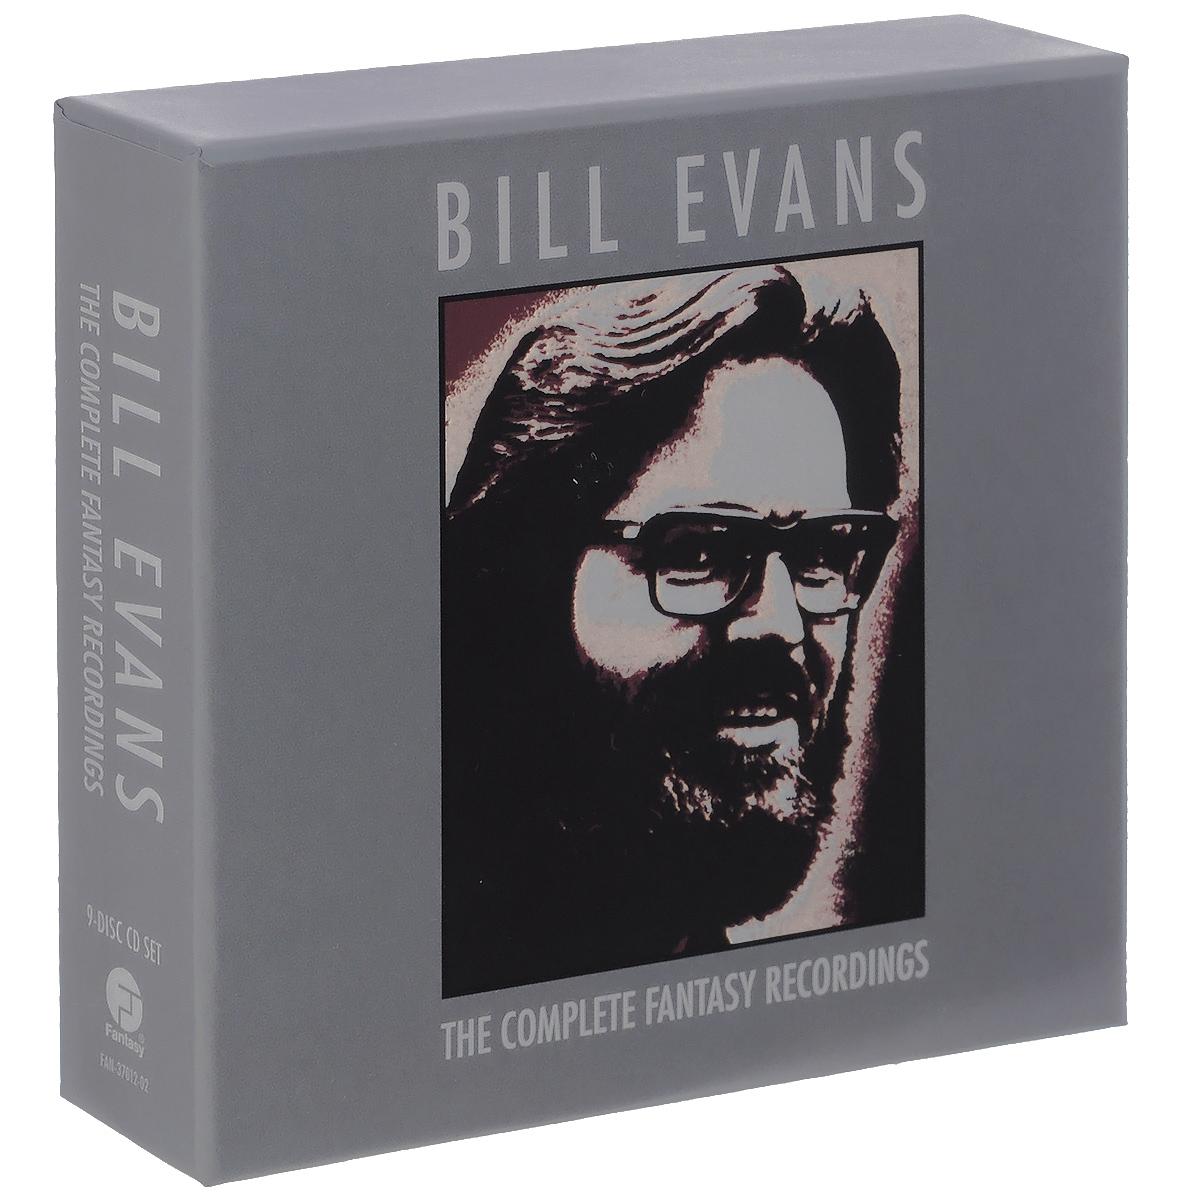 Издание содержит 34-страничный буклет с редкими фотографиями и дополнительной информацией на английском языке. Диски упакованы в Box Set и вложены в картонную коробку размером 31 см х 31 см.